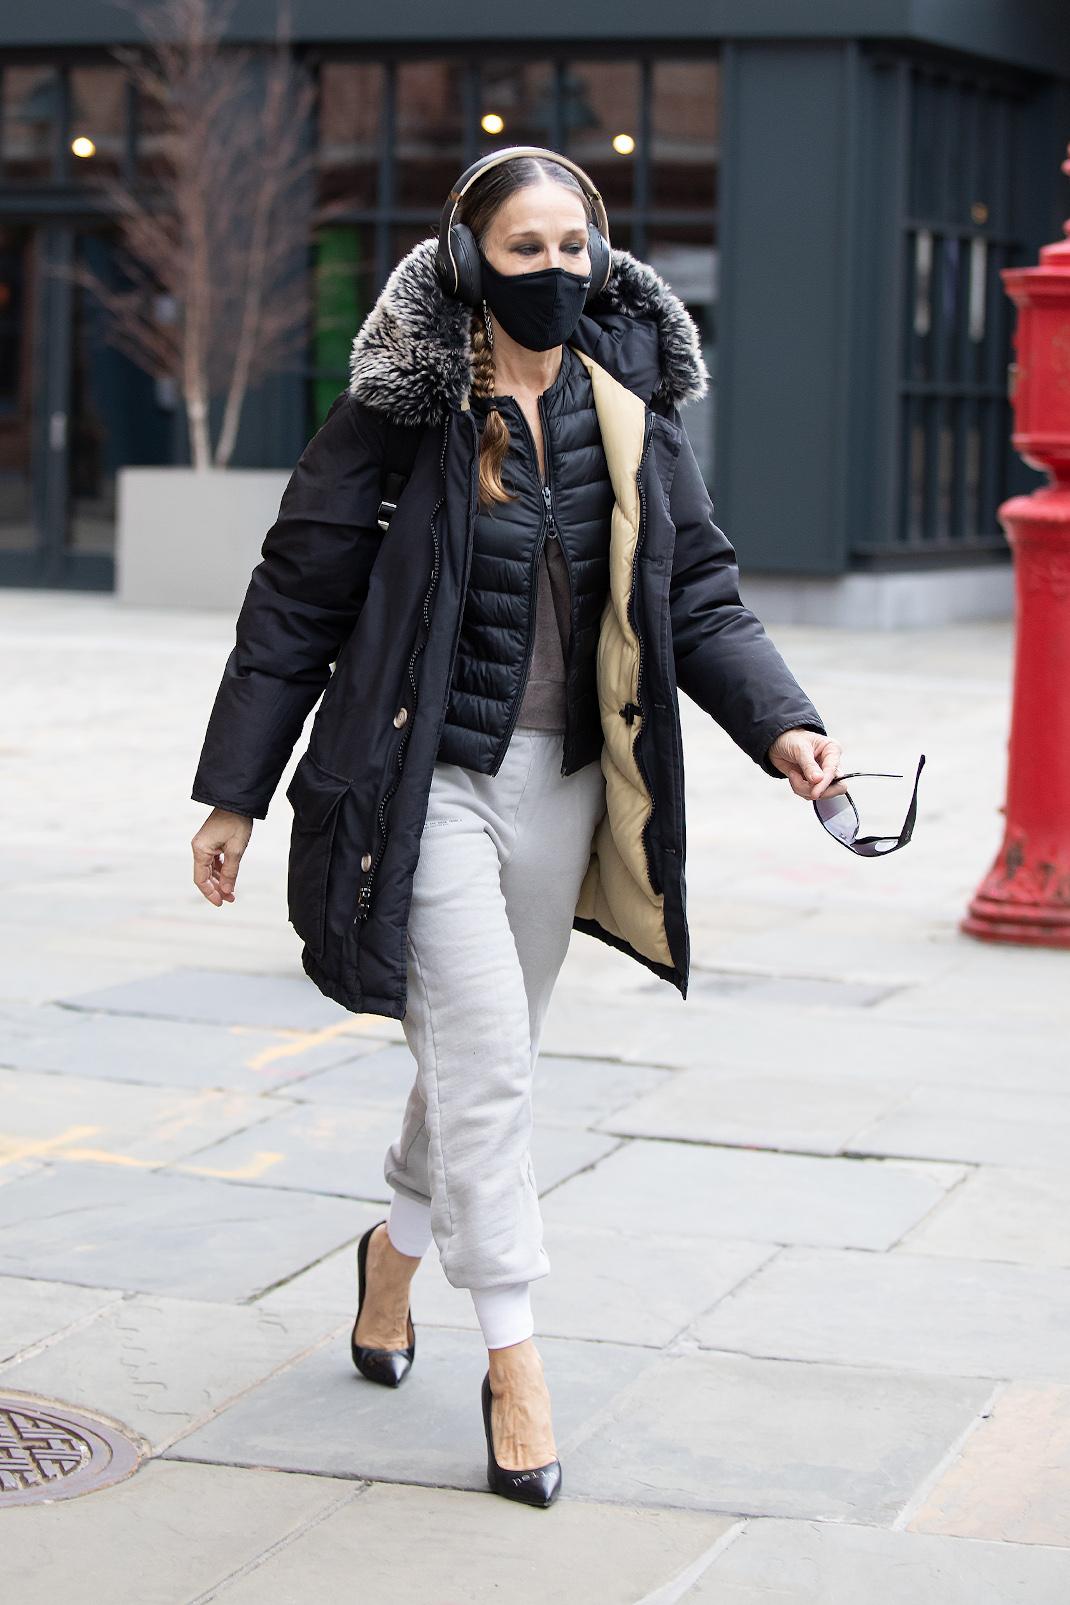 Η Σάρα Τζέσικα Πάρκερ με γόβες και φόρμα